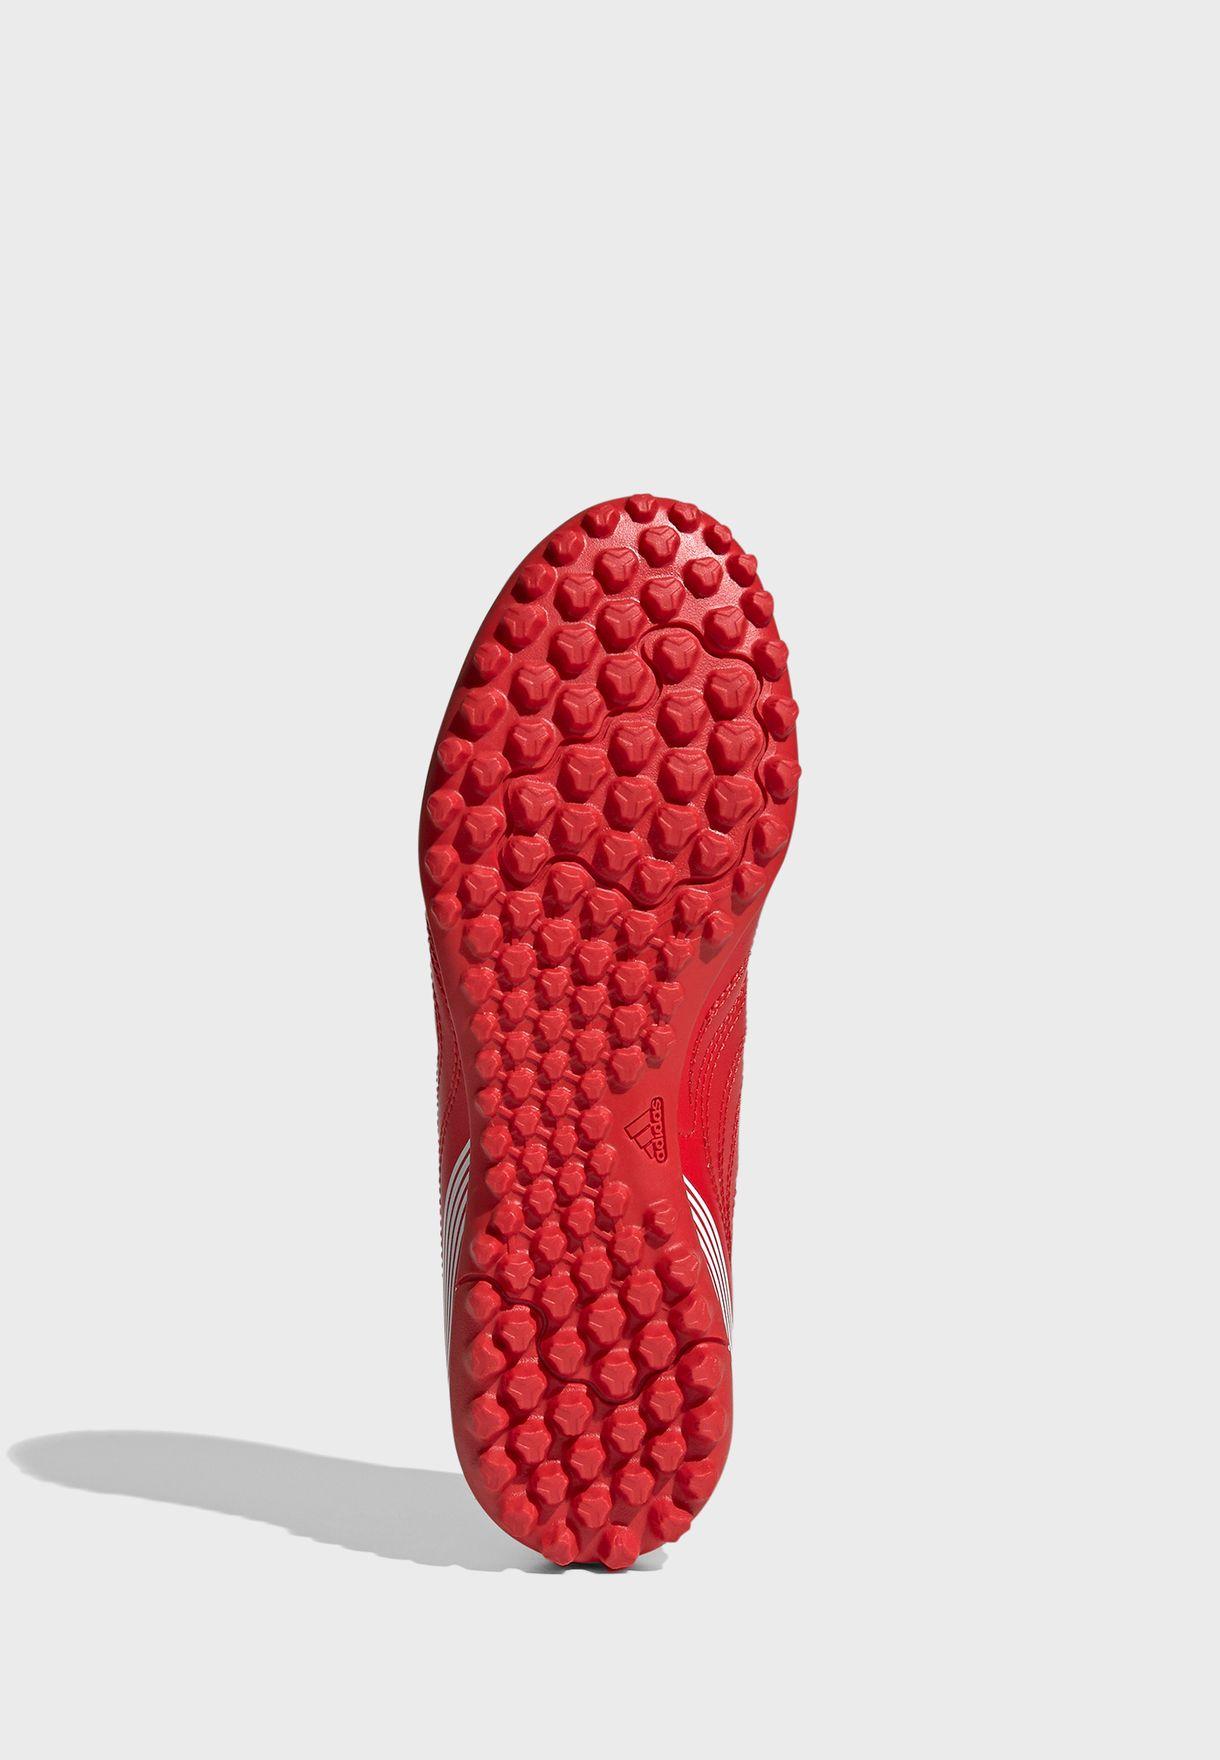 حذاء كرة قدم كوبا سينس 4 تي اف